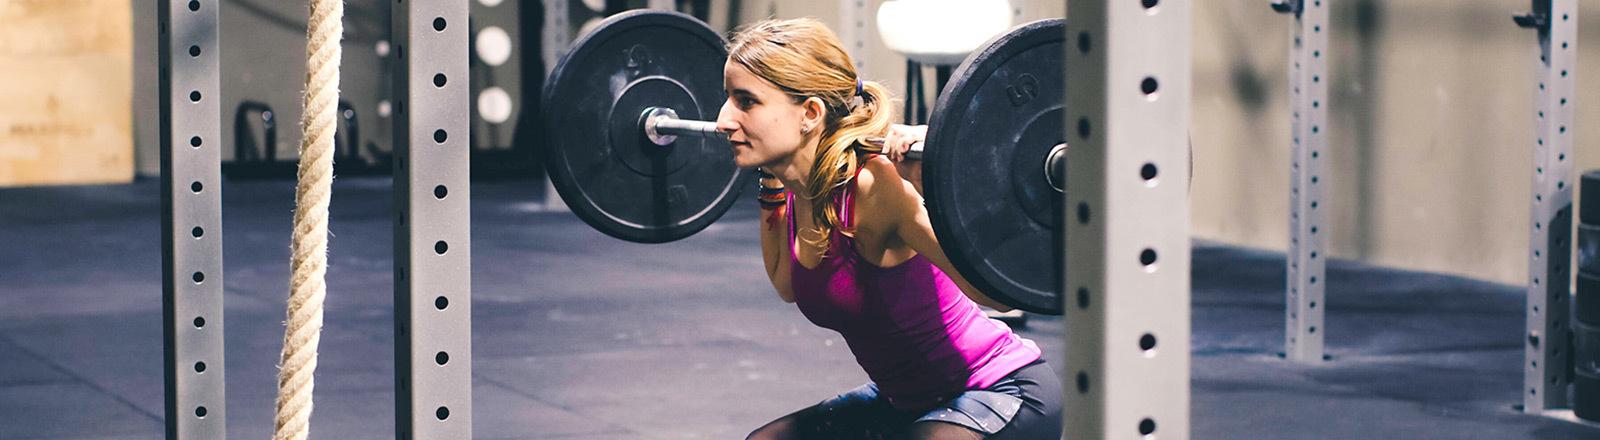 Eine Frau trainiert mit Gewichten in einem Fitnessstudio